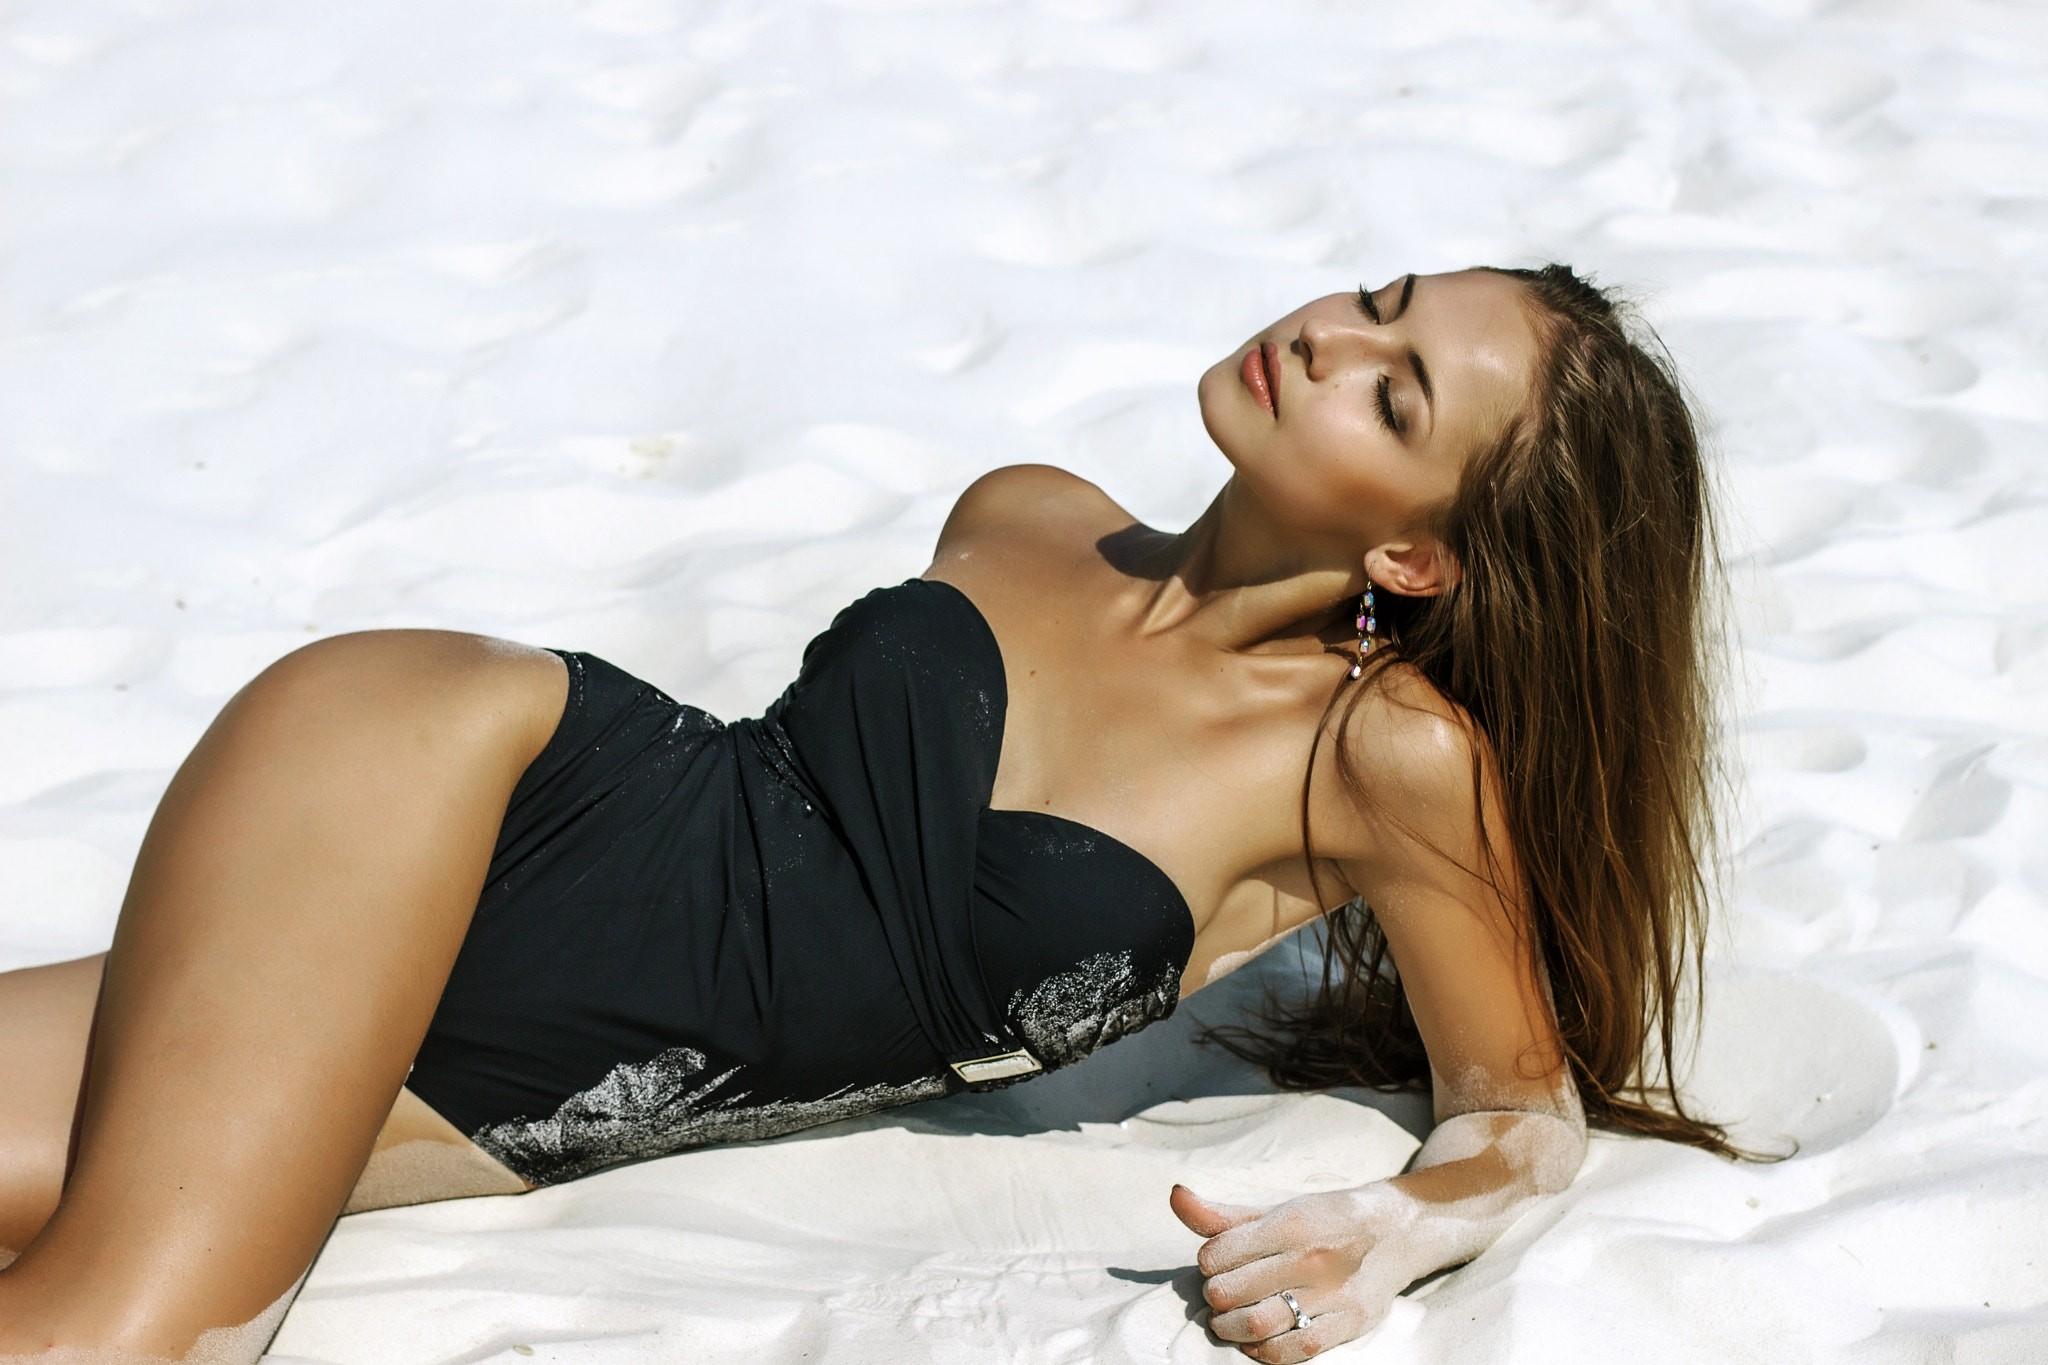 γυμνό μοντέλο παραλία